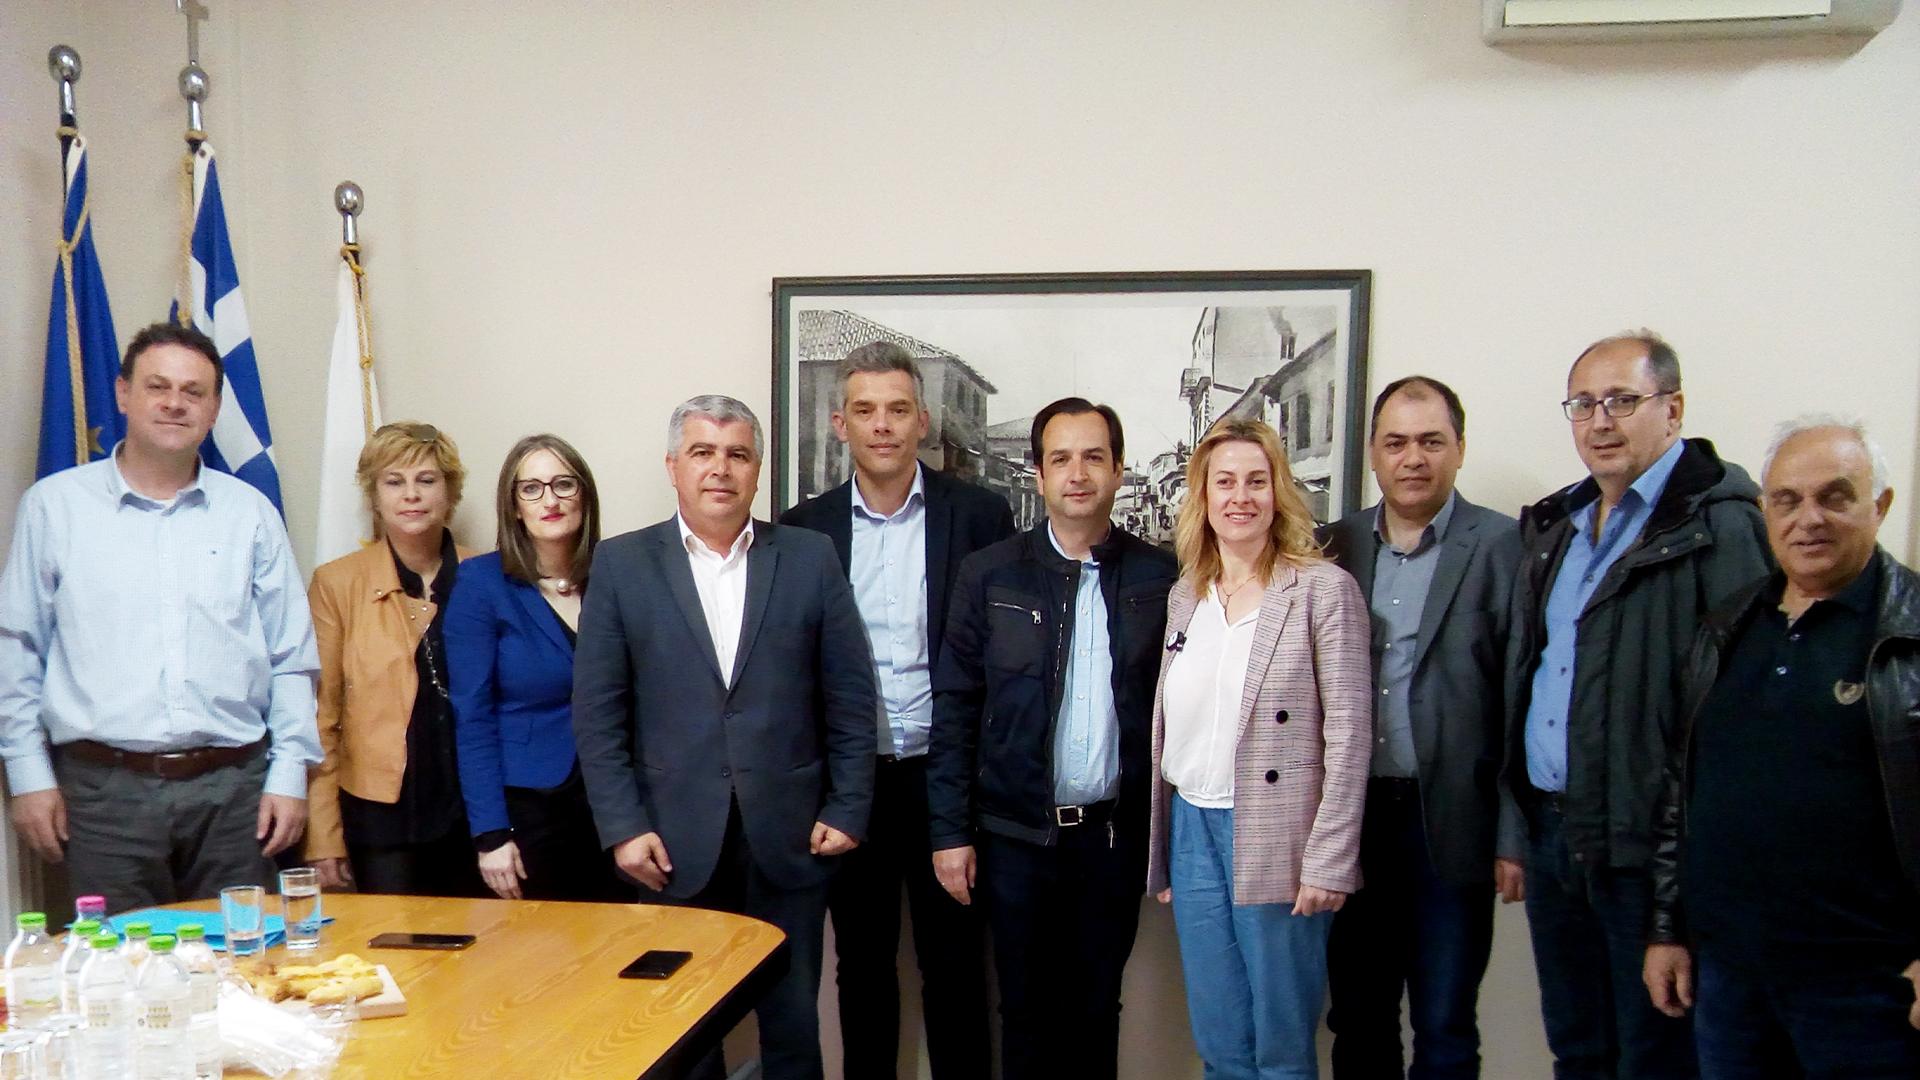 ΔΕΛΤΙΟ ΤΥΠΟΥ :  Συνάντηση συνεργασίας του Υπ. Δημάρχου Νίκου Γεωργάκου & της ομάδας του Τομέα «Ανάπτυξη» του συνδυασμού «ΔΗΜΟΣ ΤΗΣ ΚΑΡΔΙΑΣ ΜΑΣ!» με τον Πρόεδρο και στελέχη του Επιμελητηρίου Πρέβεζας